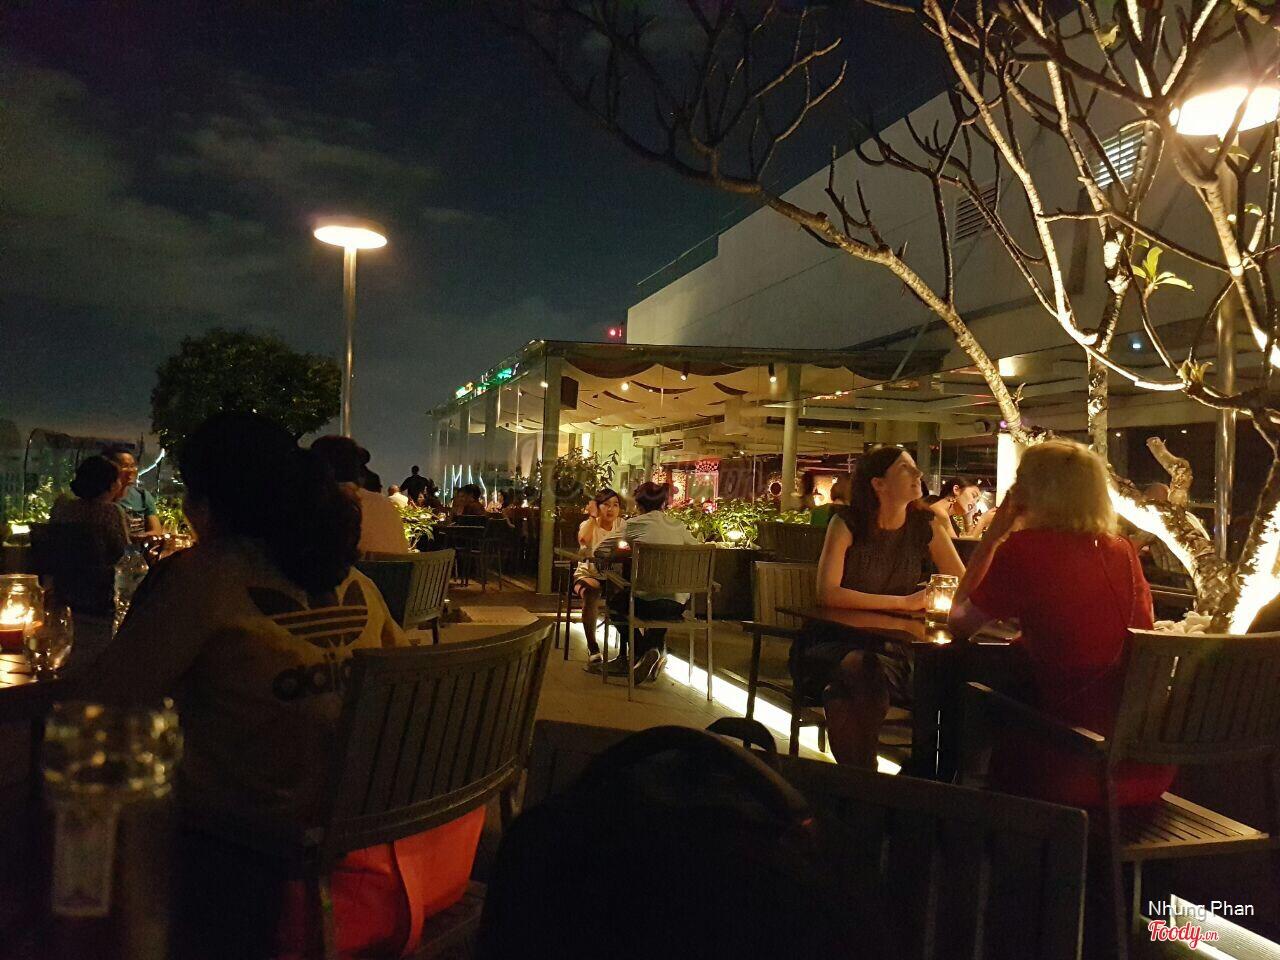 shri-cafe-san-thuong-sai-gon-12